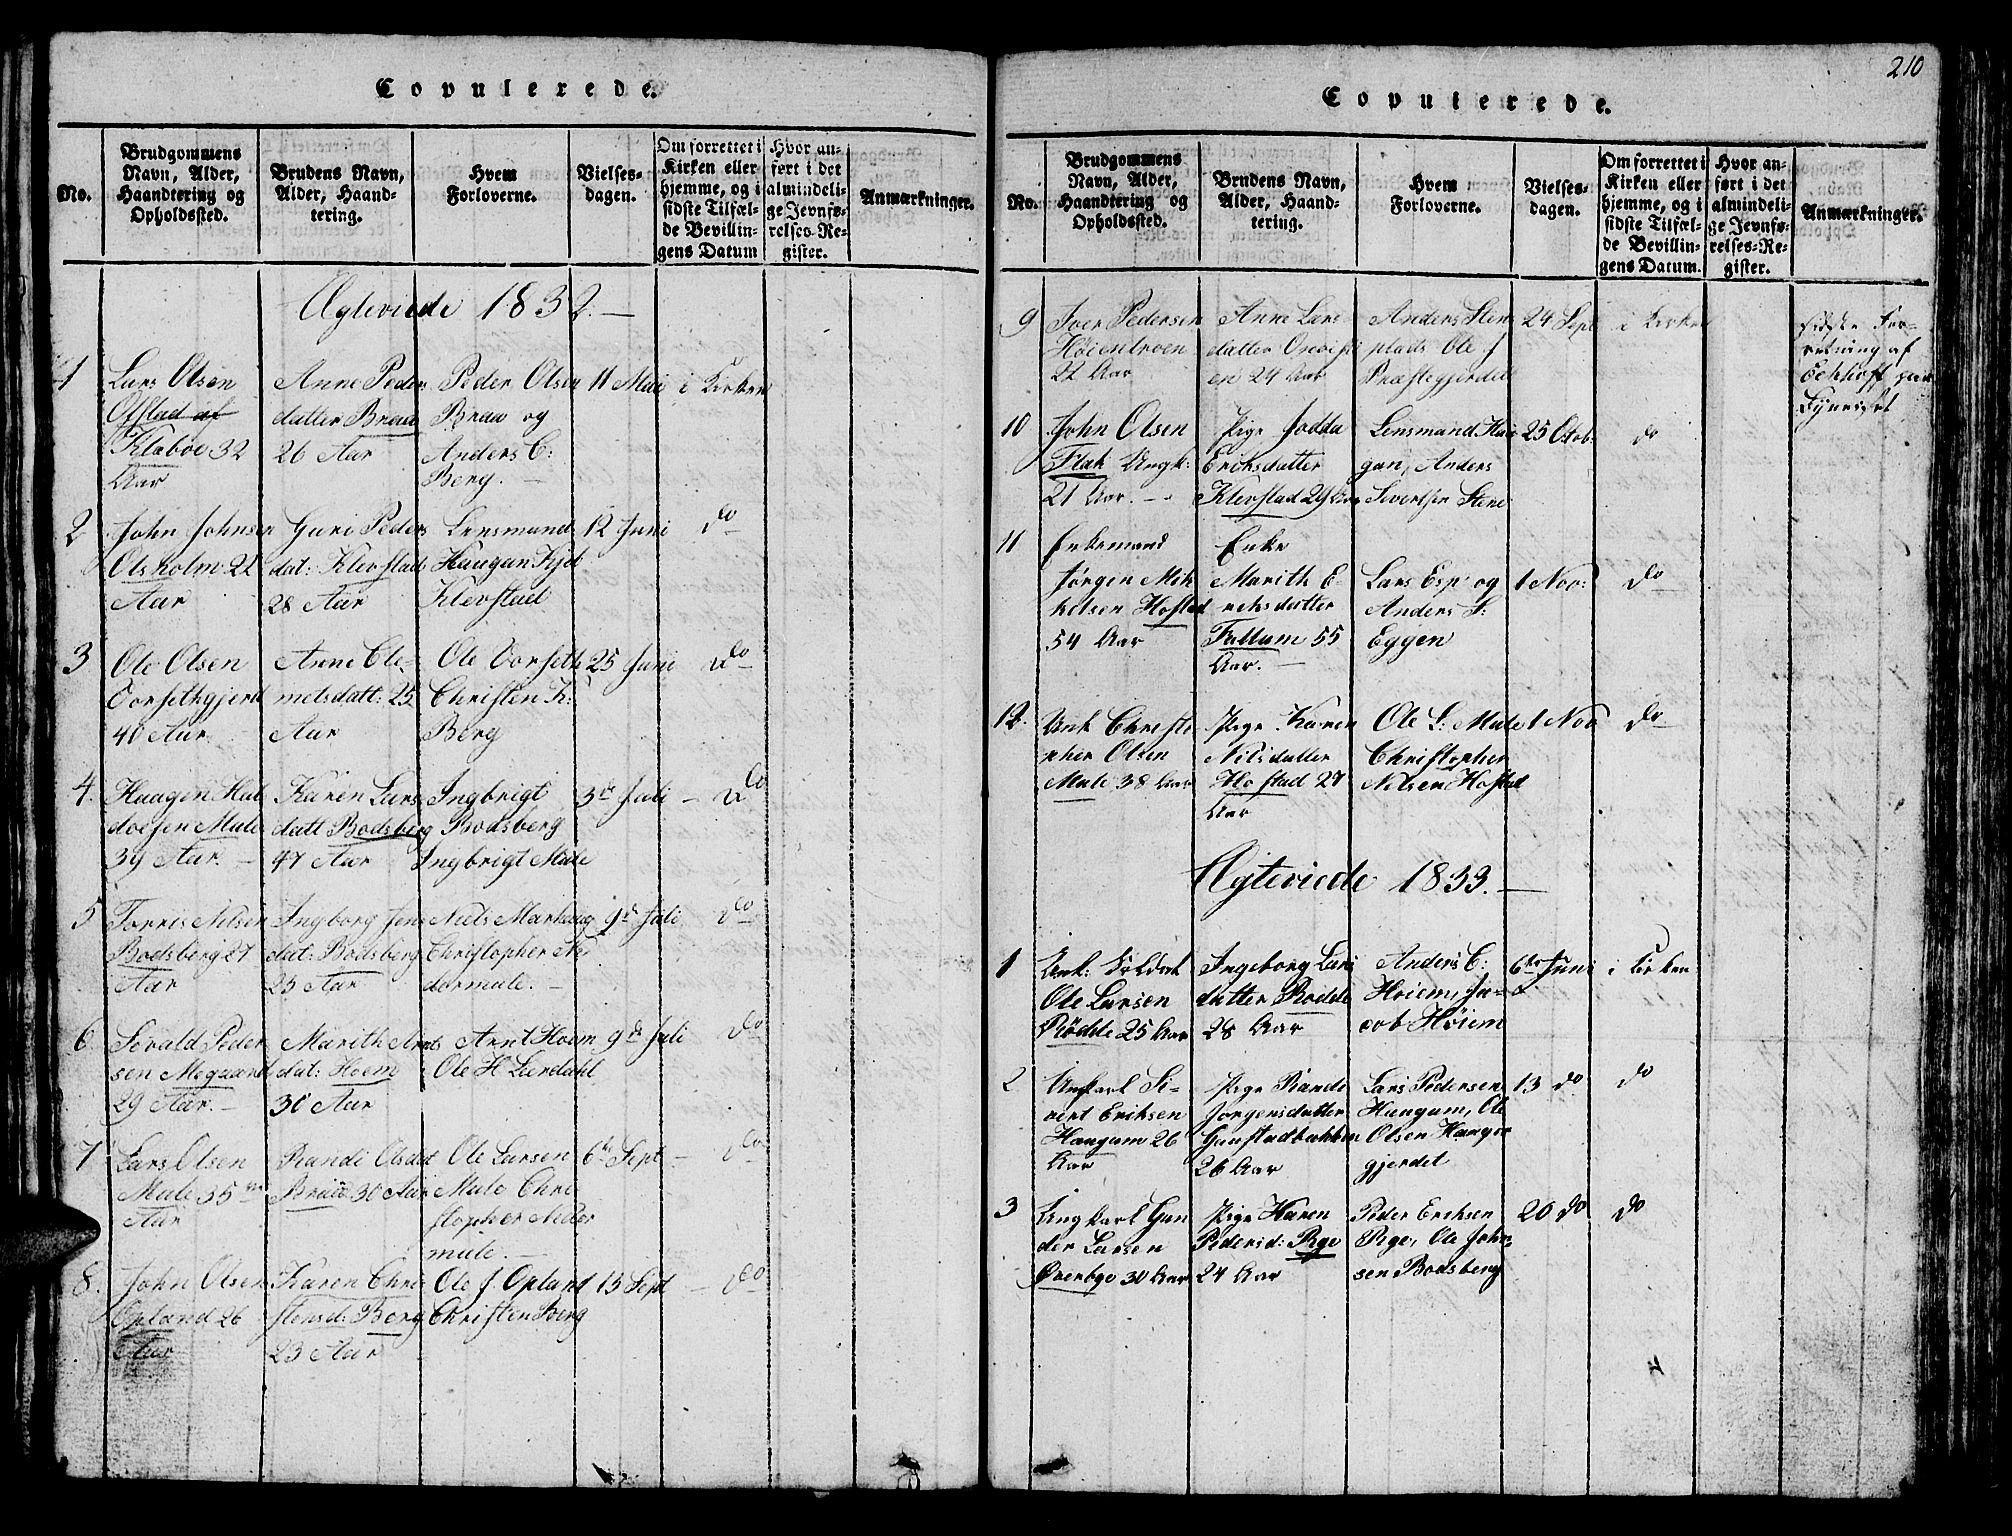 SAT, Ministerialprotokoller, klokkerbøker og fødselsregistre - Sør-Trøndelag, 612/L0385: Klokkerbok nr. 612C01, 1816-1845, s. 210